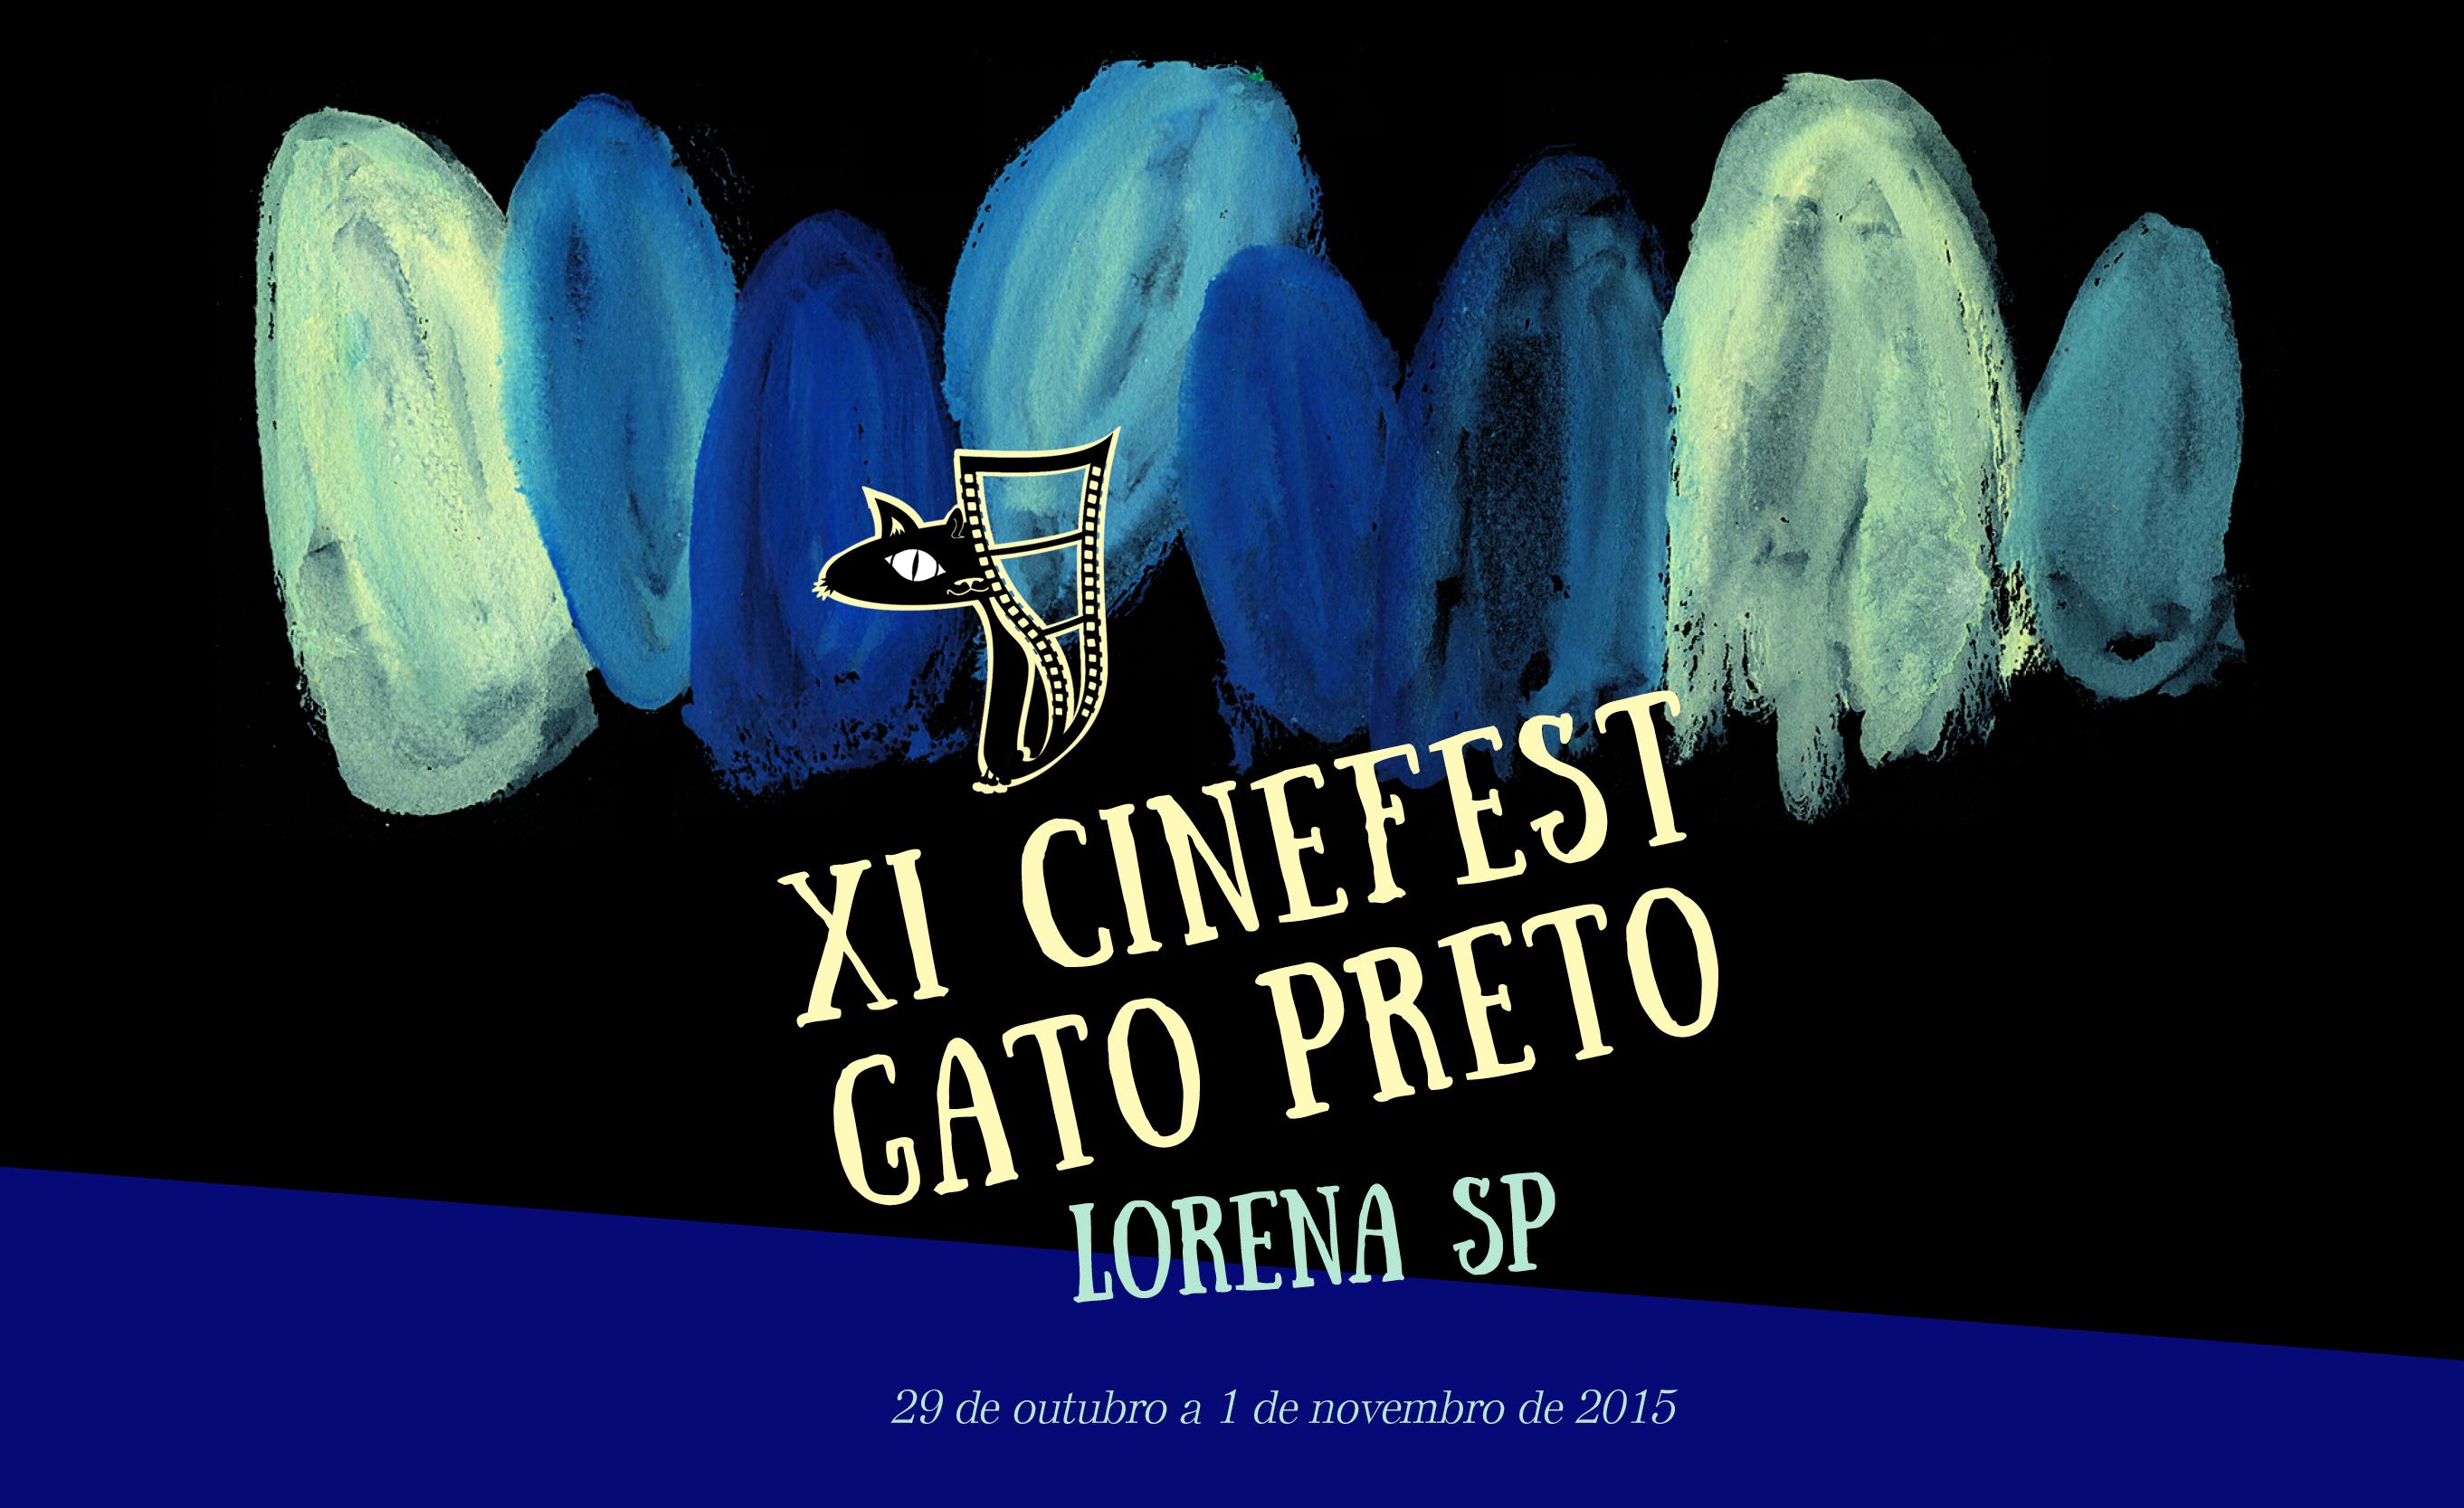 XI Cinefest Gato Preto